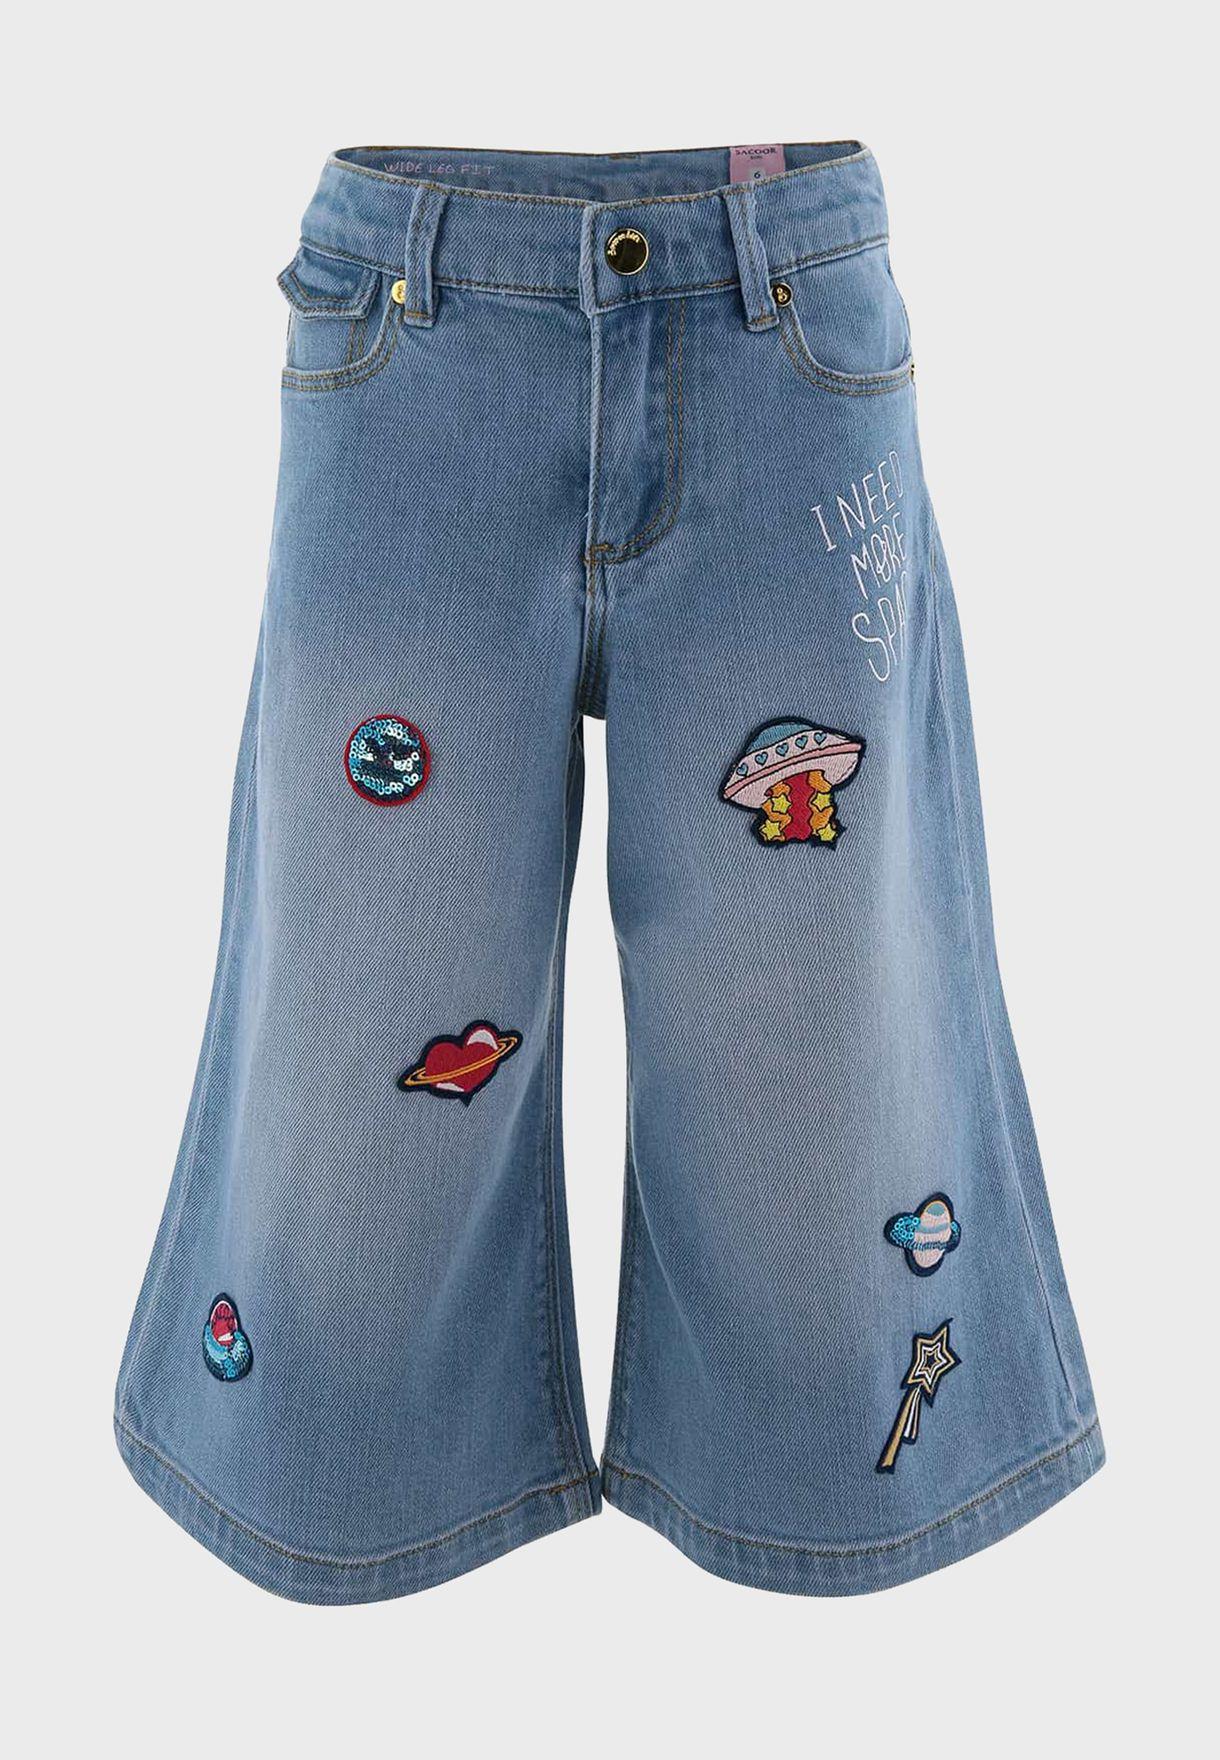 جينز بتطريز للاطفال